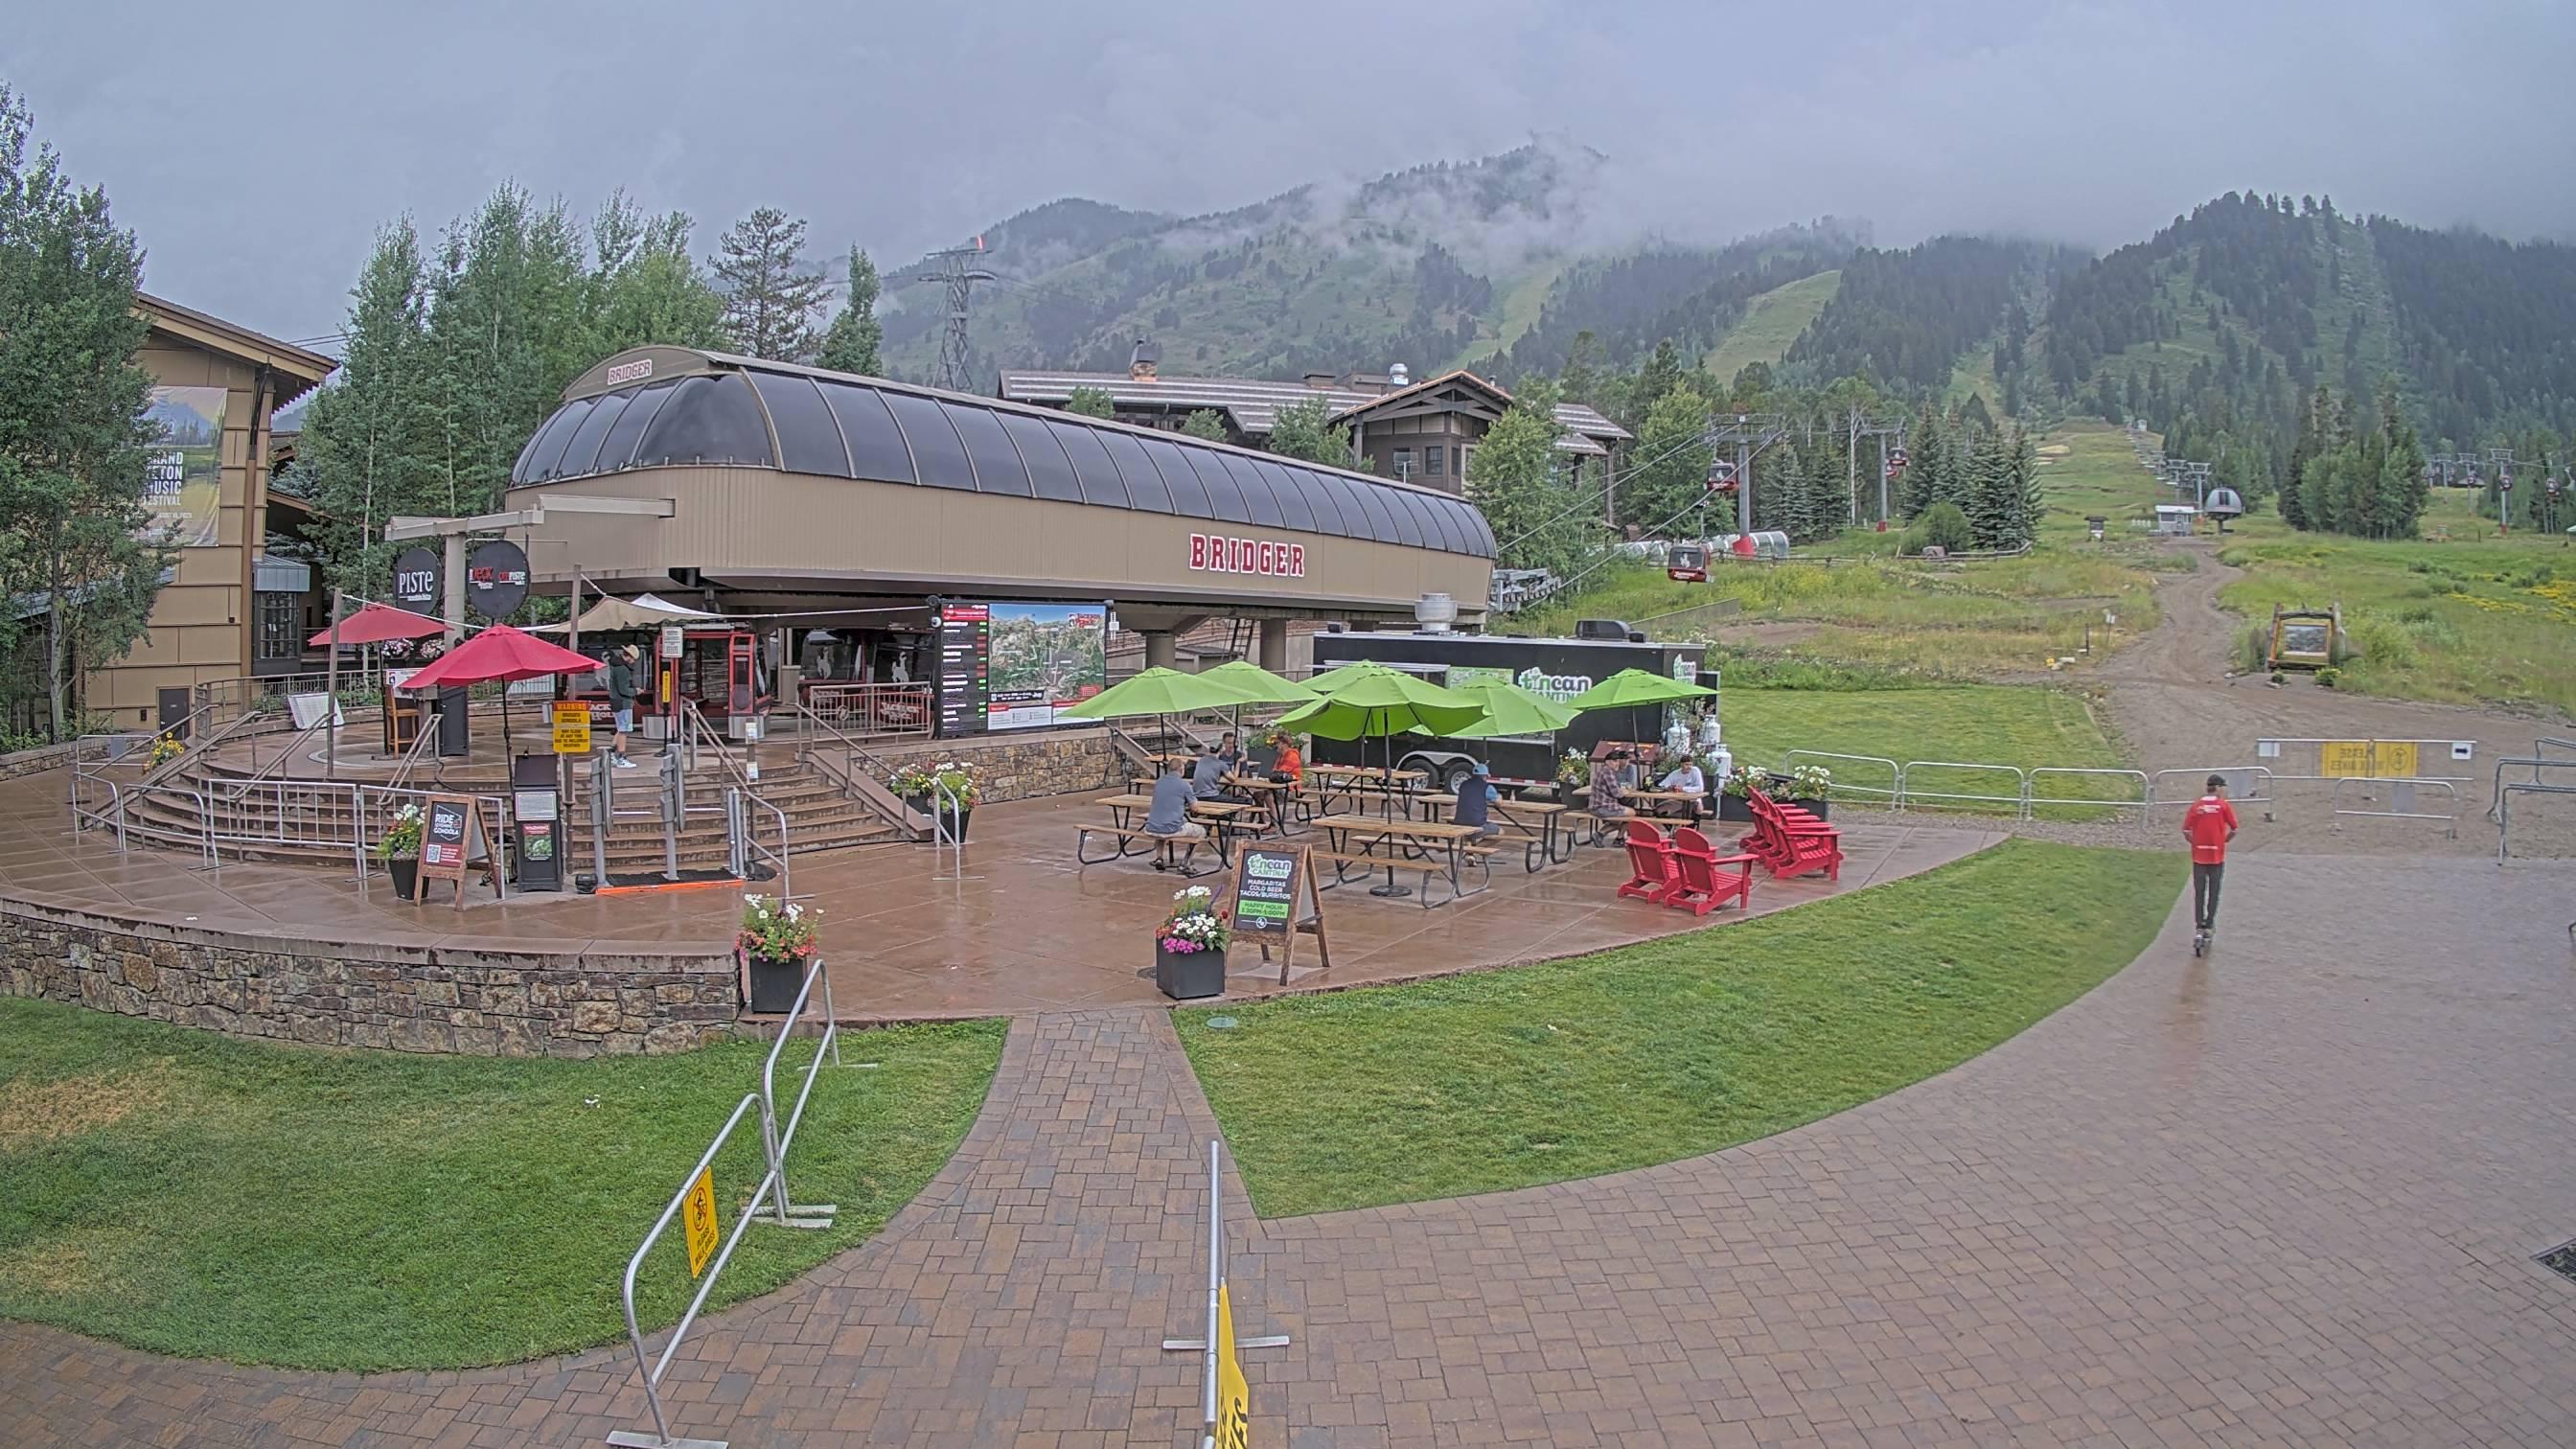 Base of Gondola